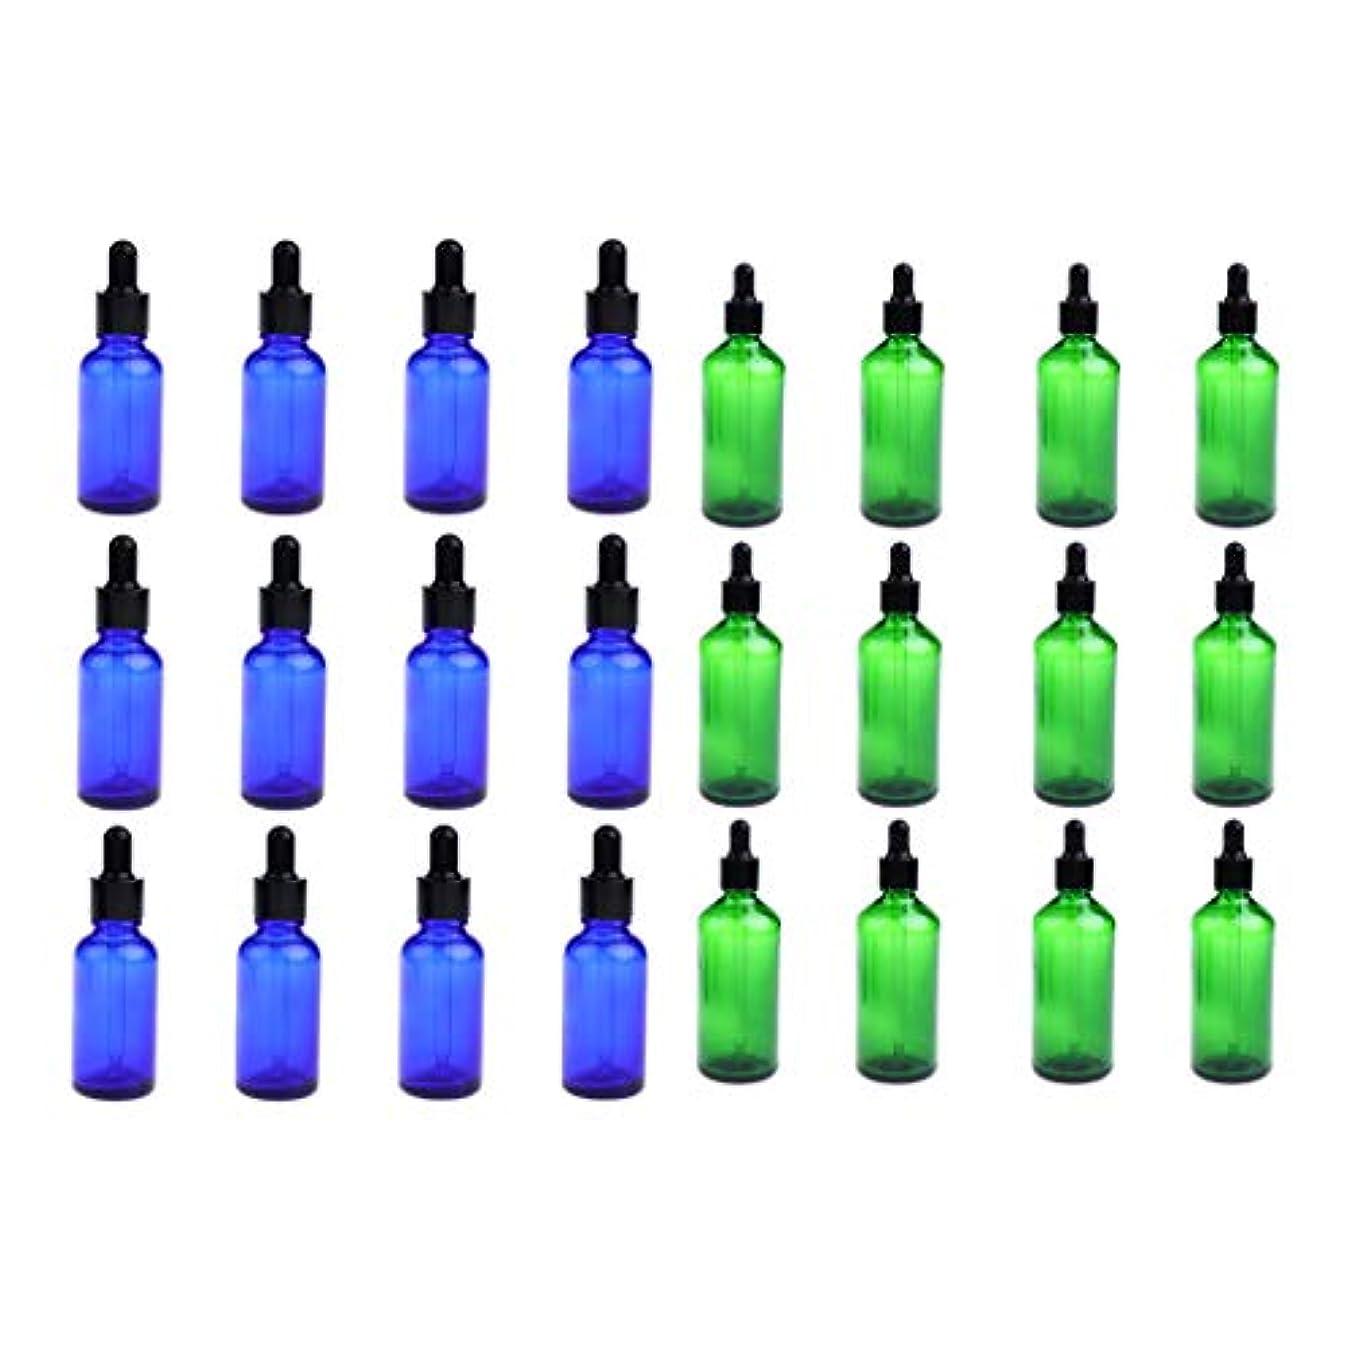 封建よく話される誘惑24個セット ガラスボトル スポイトボトル 空の瓶 遮光ビン 精油瓶 詰替え 旅行 30ミリ 緑+青